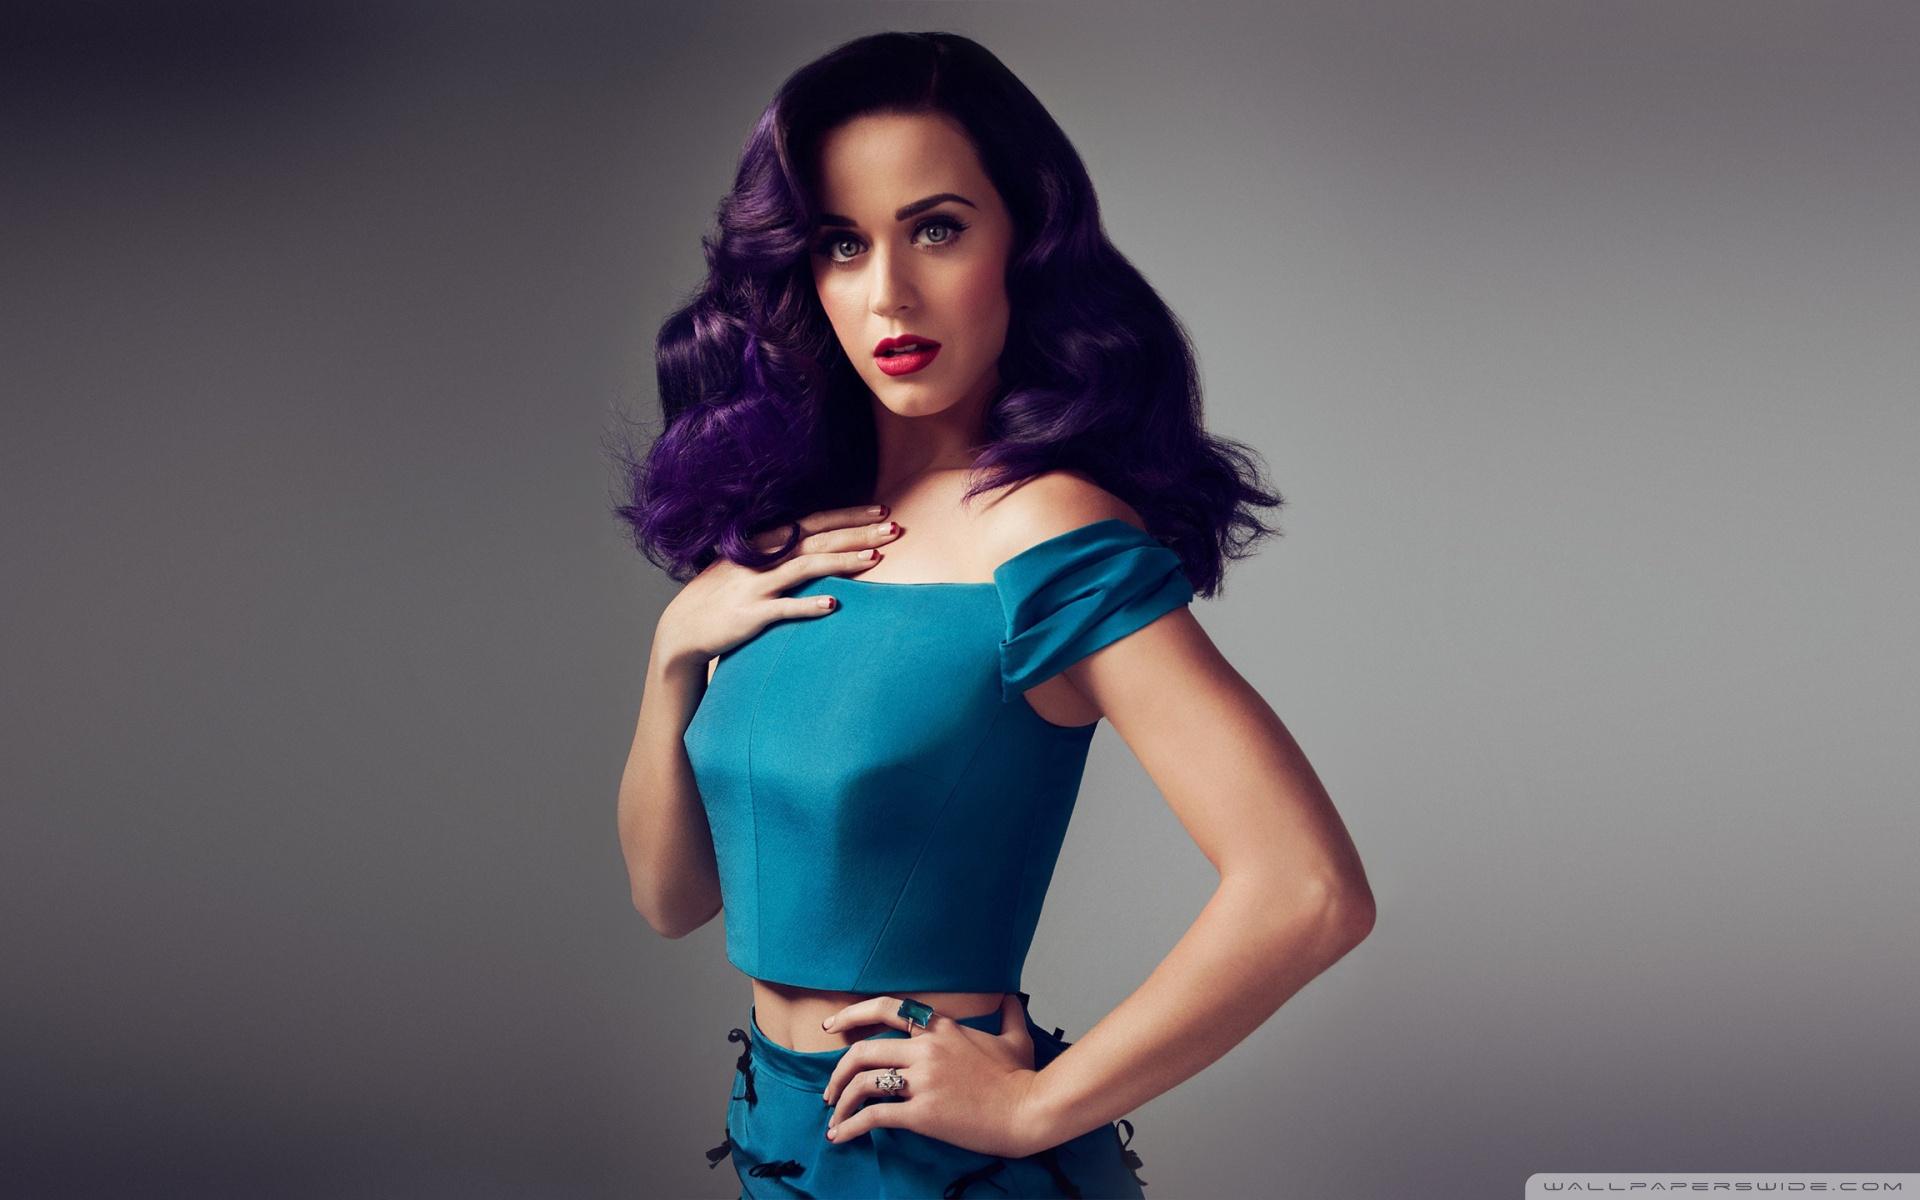 katy perry purple hair ❤ 4k hd desktop wallpaper for 4k ultra hd tv